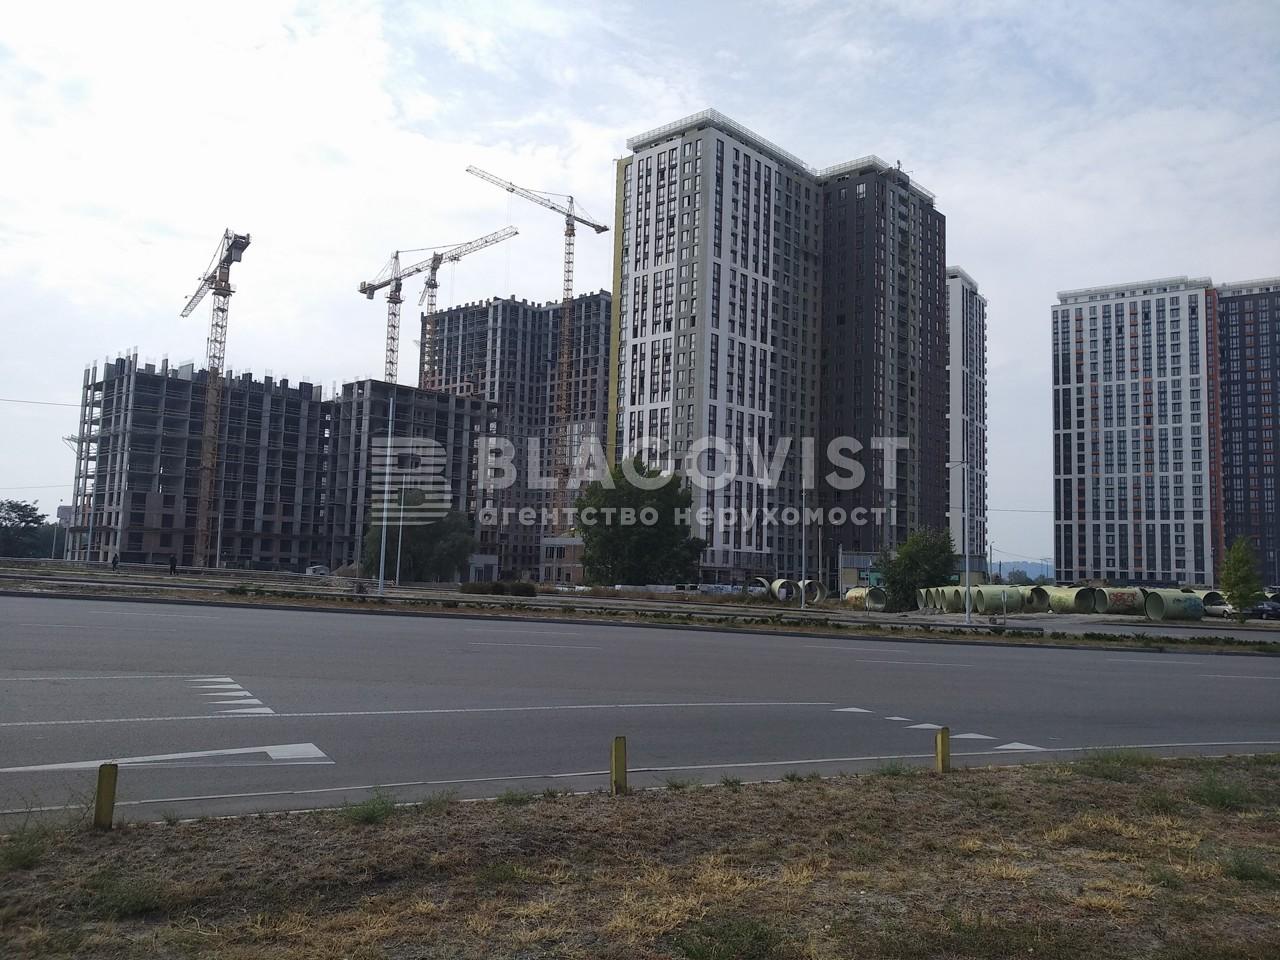 Квартира Z-559151, Дніпровська наб., 18 корпус 4, Київ - Фото 2